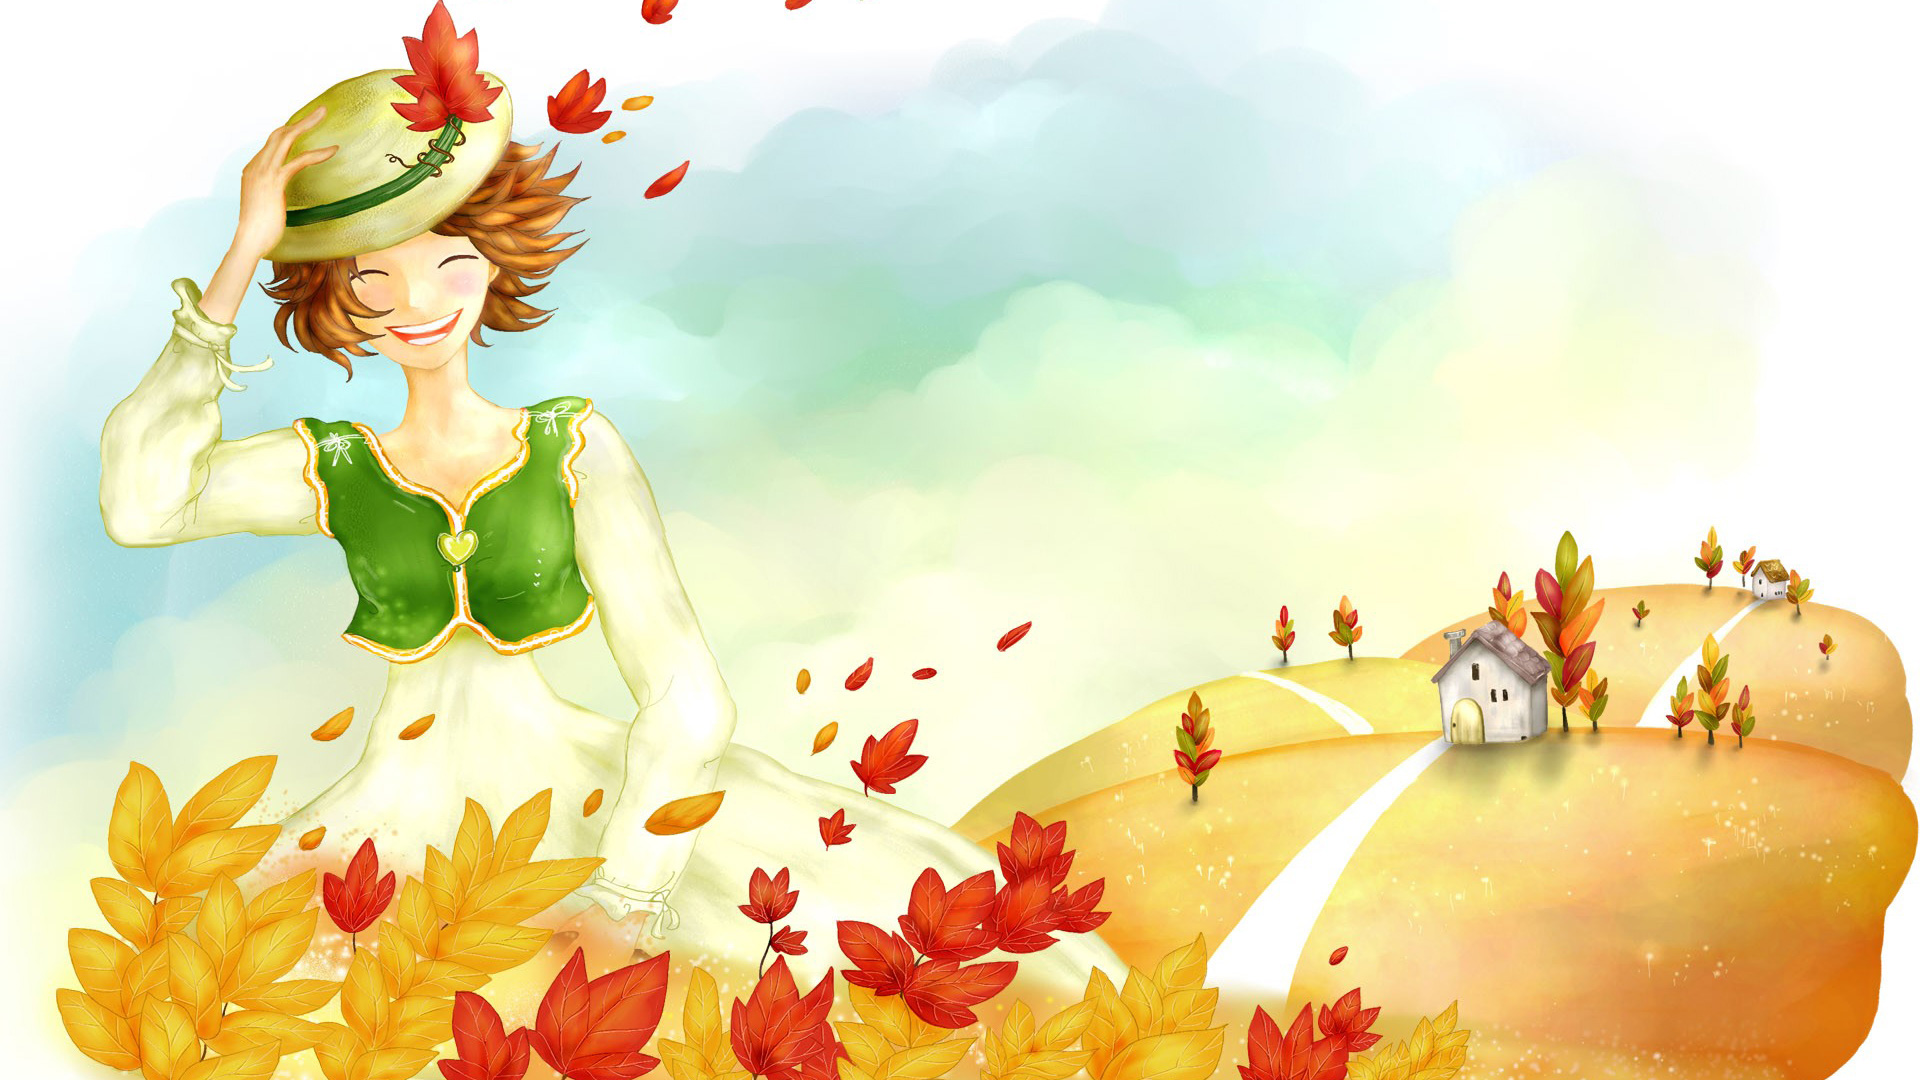 Wallpaper Autumn 1080p High Definition Wallpaper 1920x1080